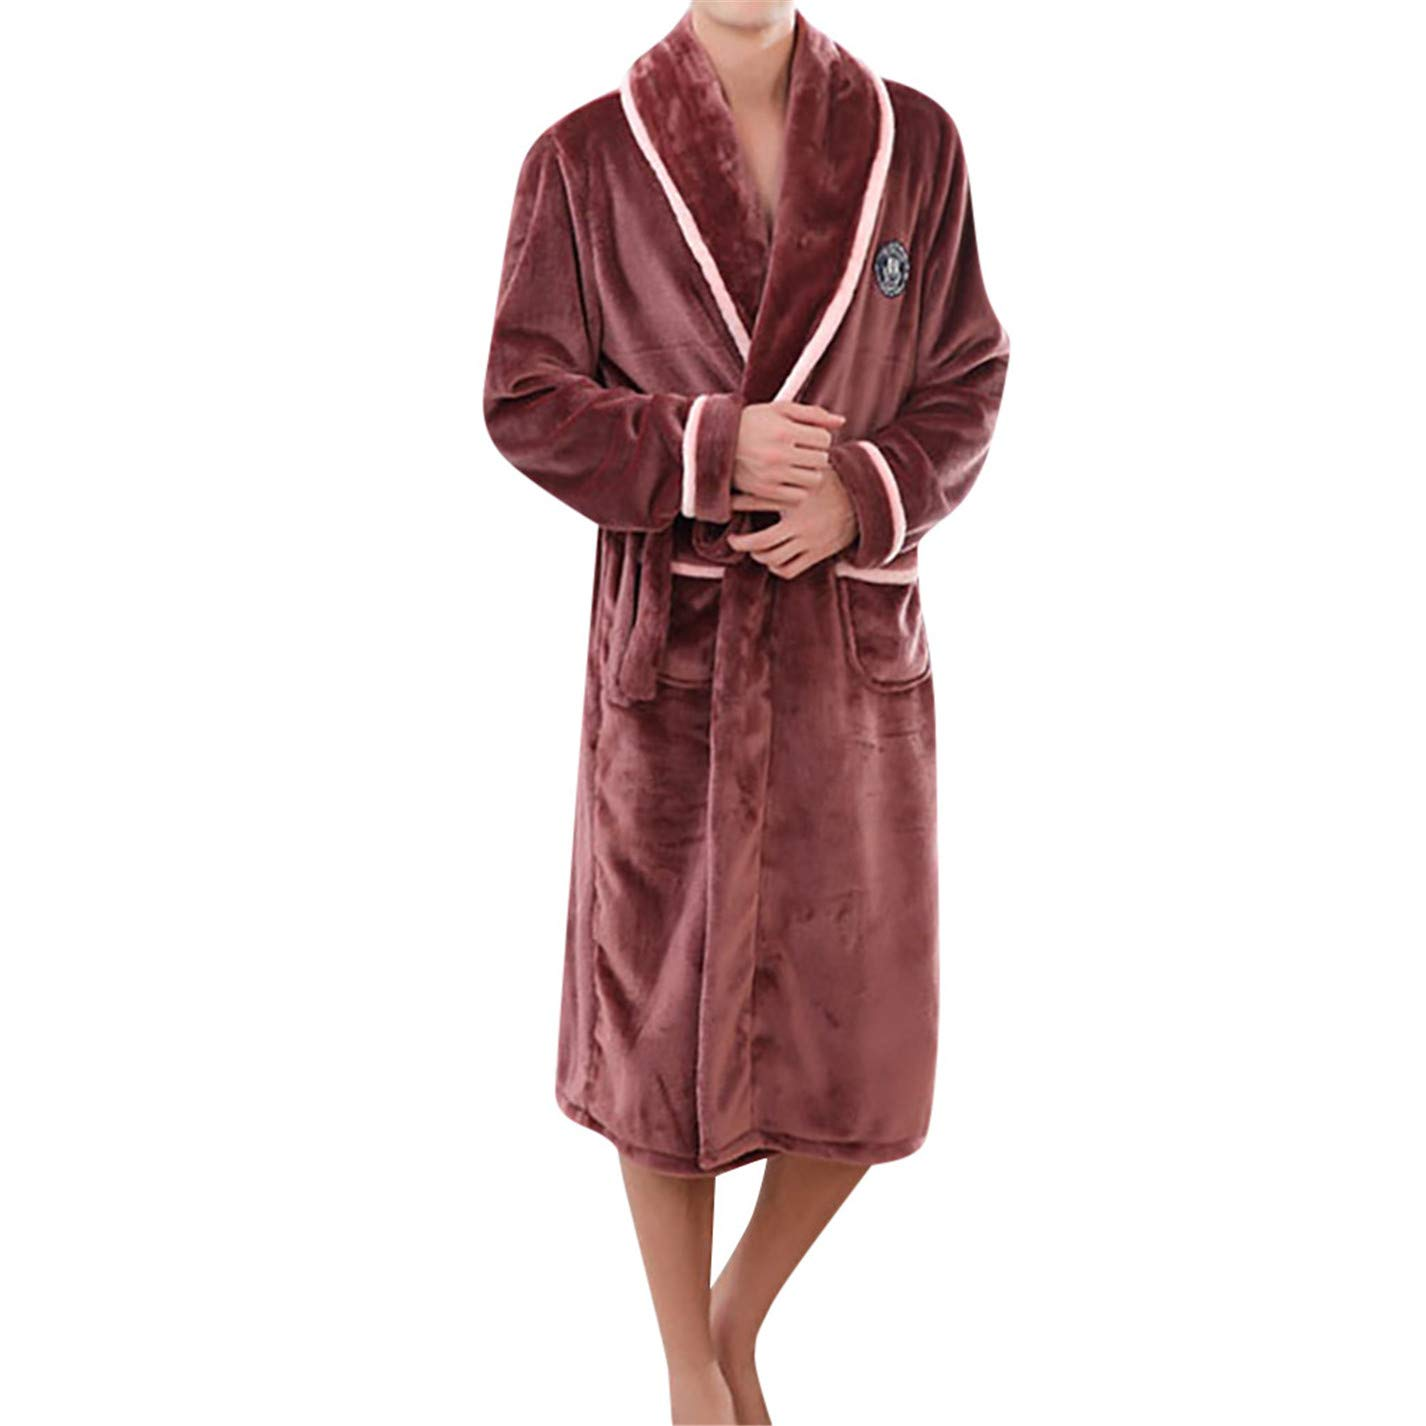 ZahuihuiM Hommes Coton Chemise De Nuit Longue Robe avec Ceinture Nuits De Nuit V/êtements De Nuit /À Manches Longues /Épaississent Sleepshirt Poche